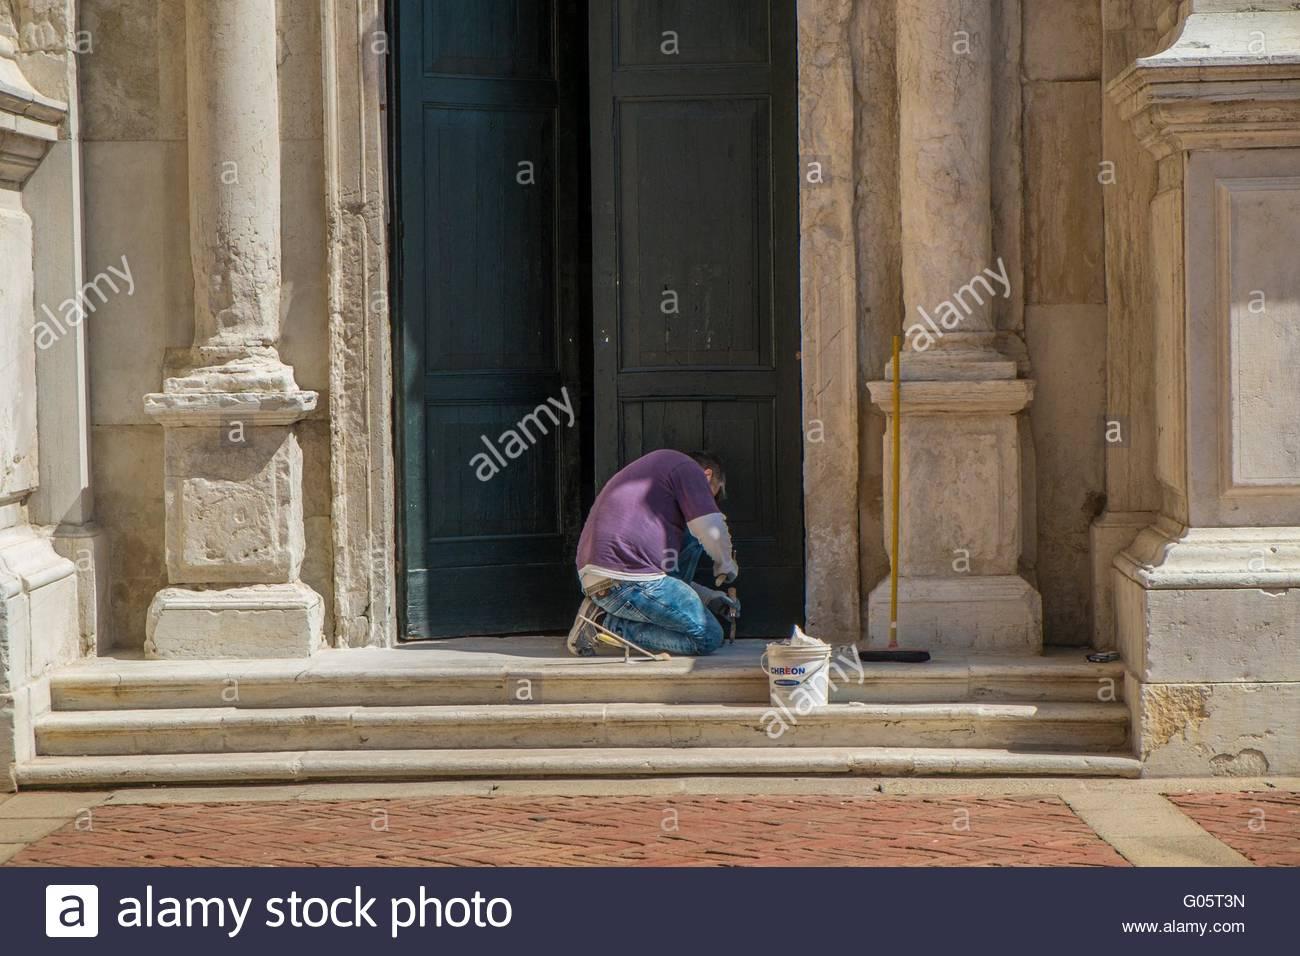 Restaurierungsarbeiten am kirchlichen Tür, Venedig, Italien, April Stockbild